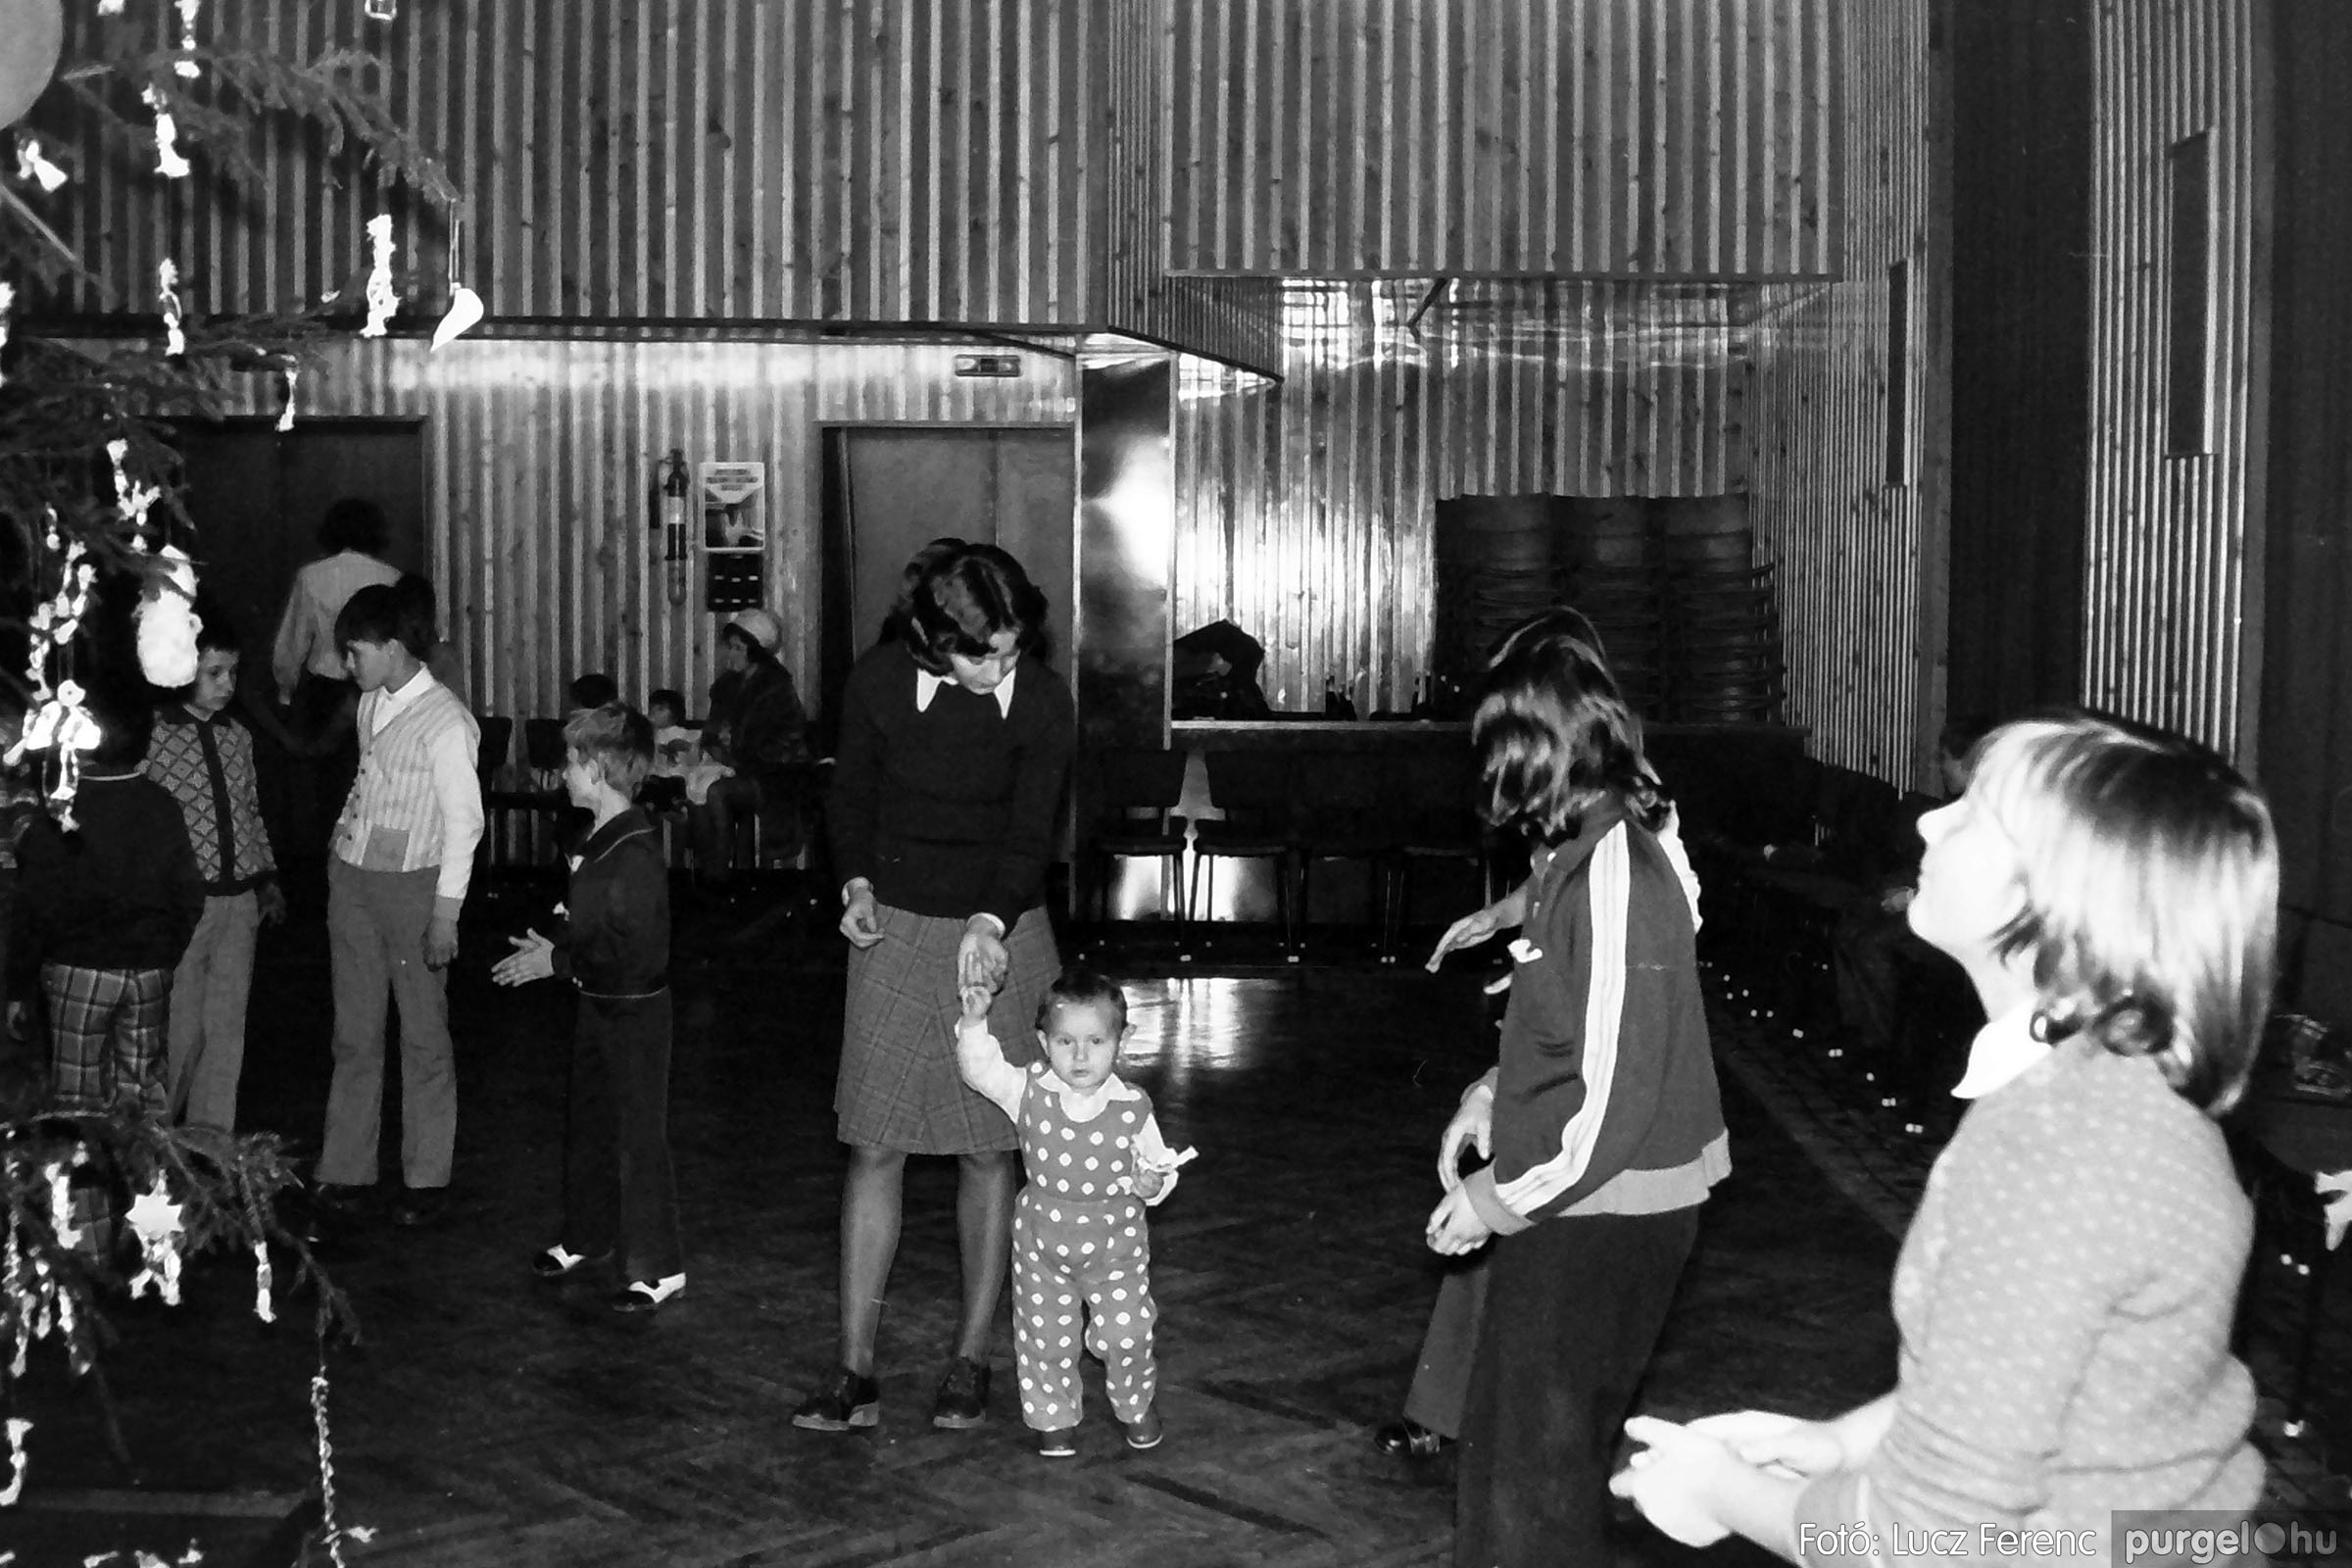 029 1975. Karácsonyi ünnepség a kultúrházban 008 - Fotó: Lucz Ferenc.jpg